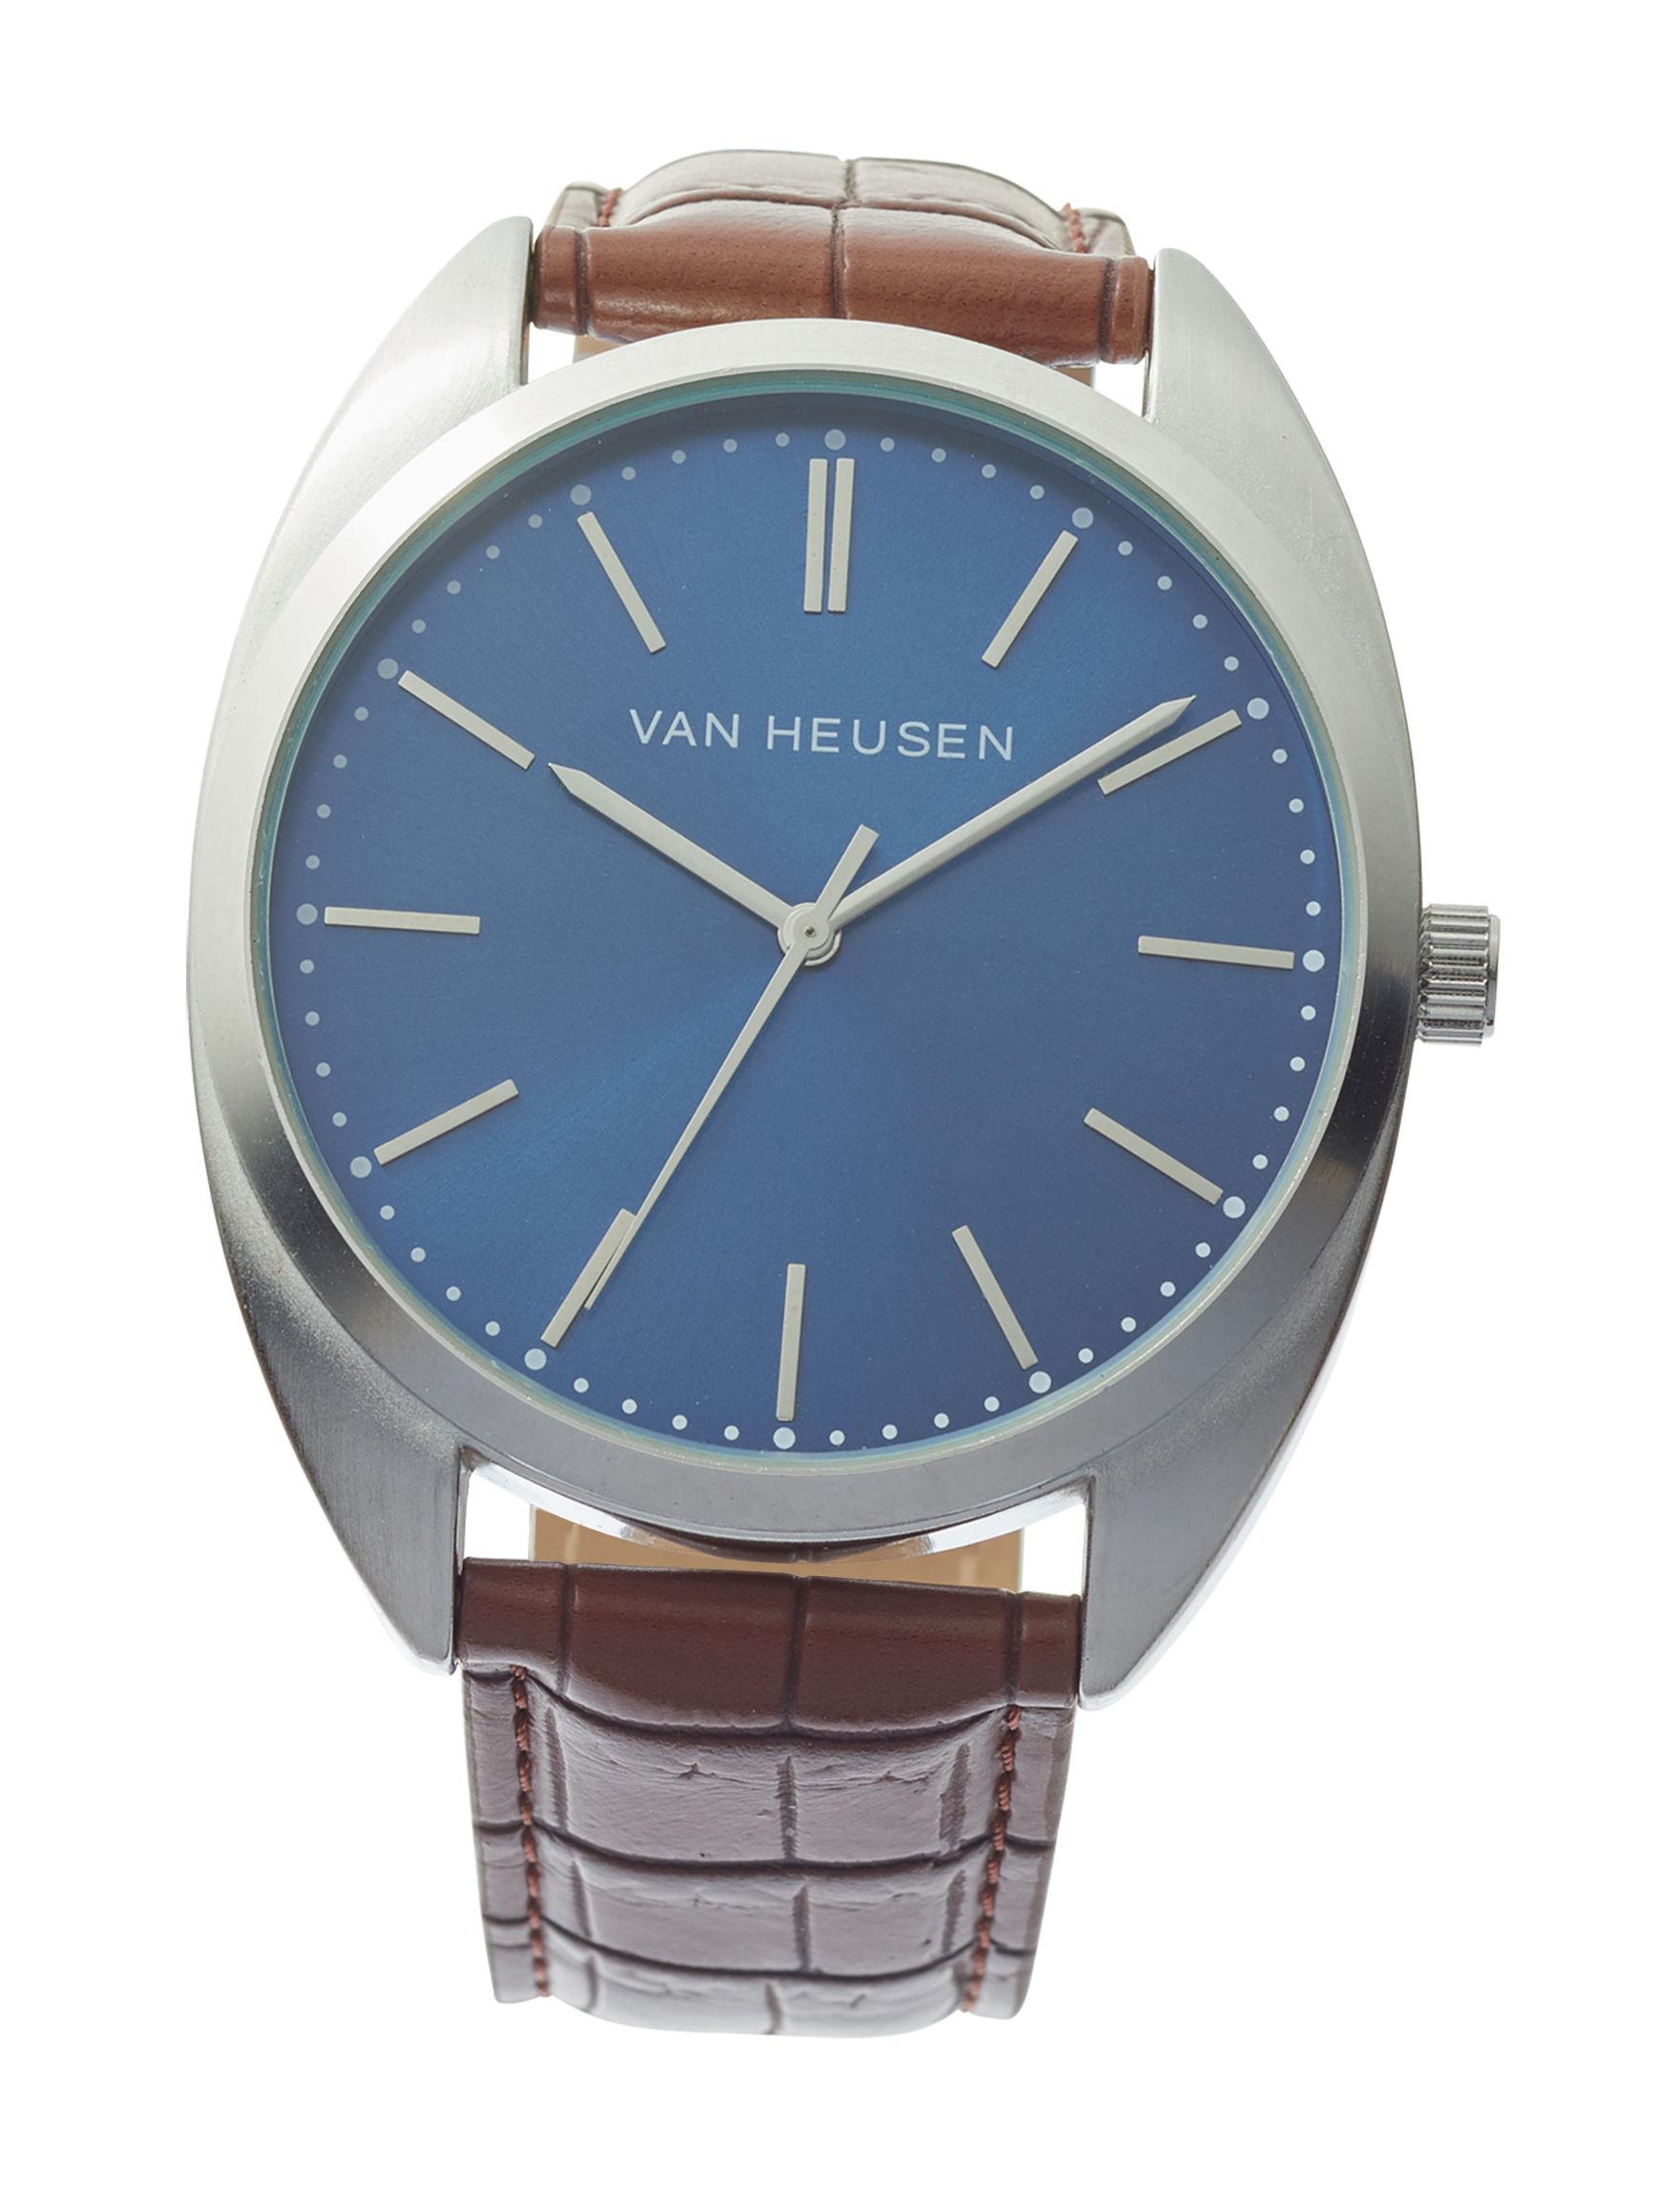 Van Heusen Brown Fashion Watches